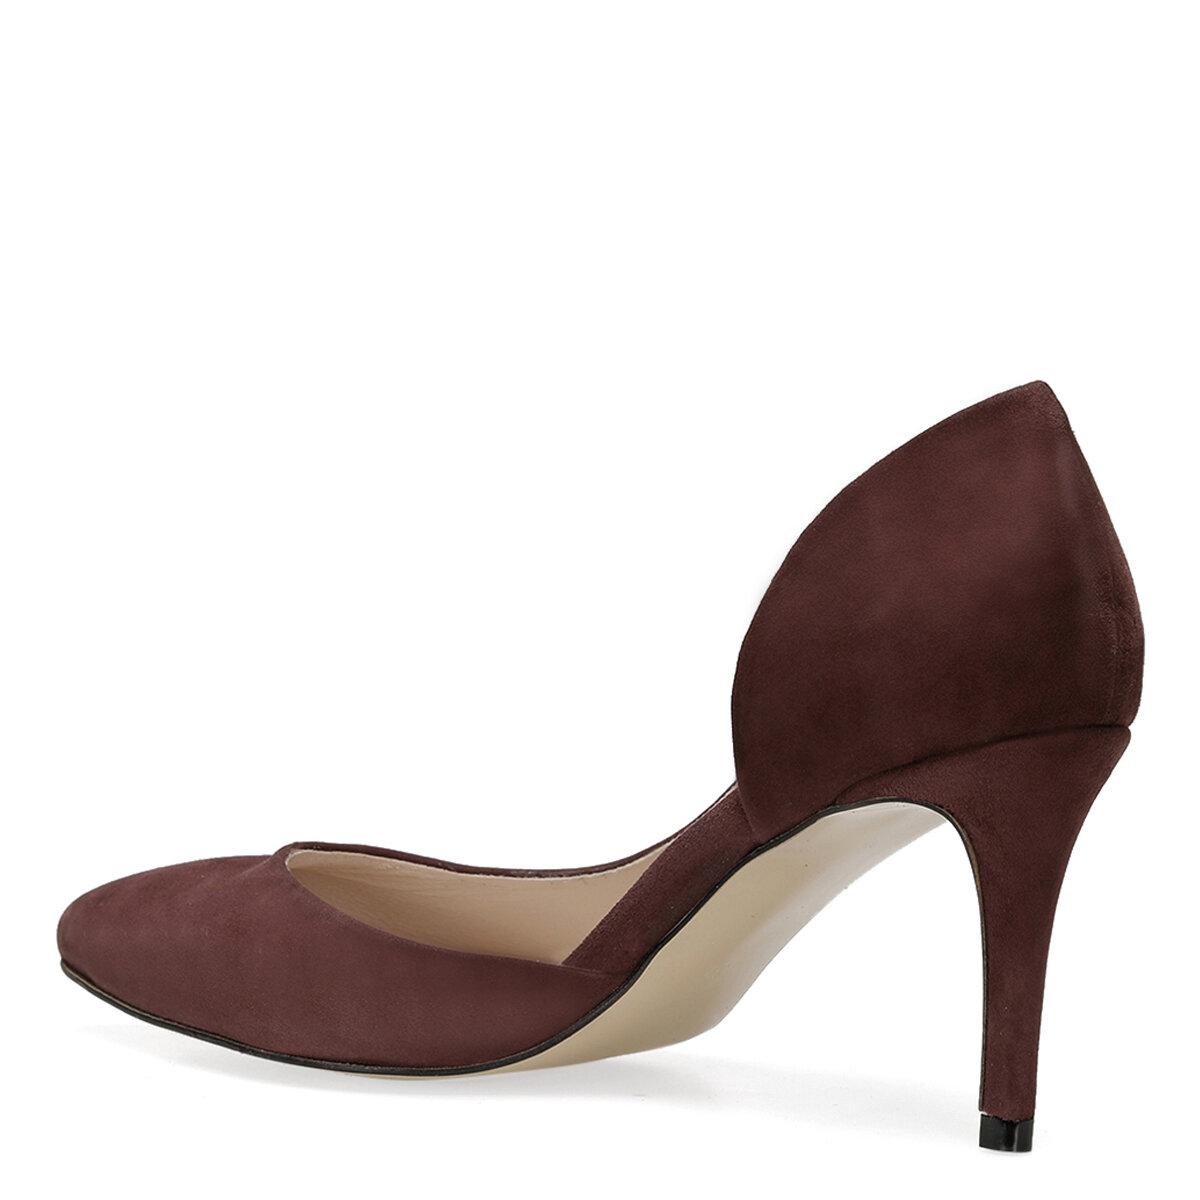 TIKKA Bordo Kadın Topuklu Ayakkabı